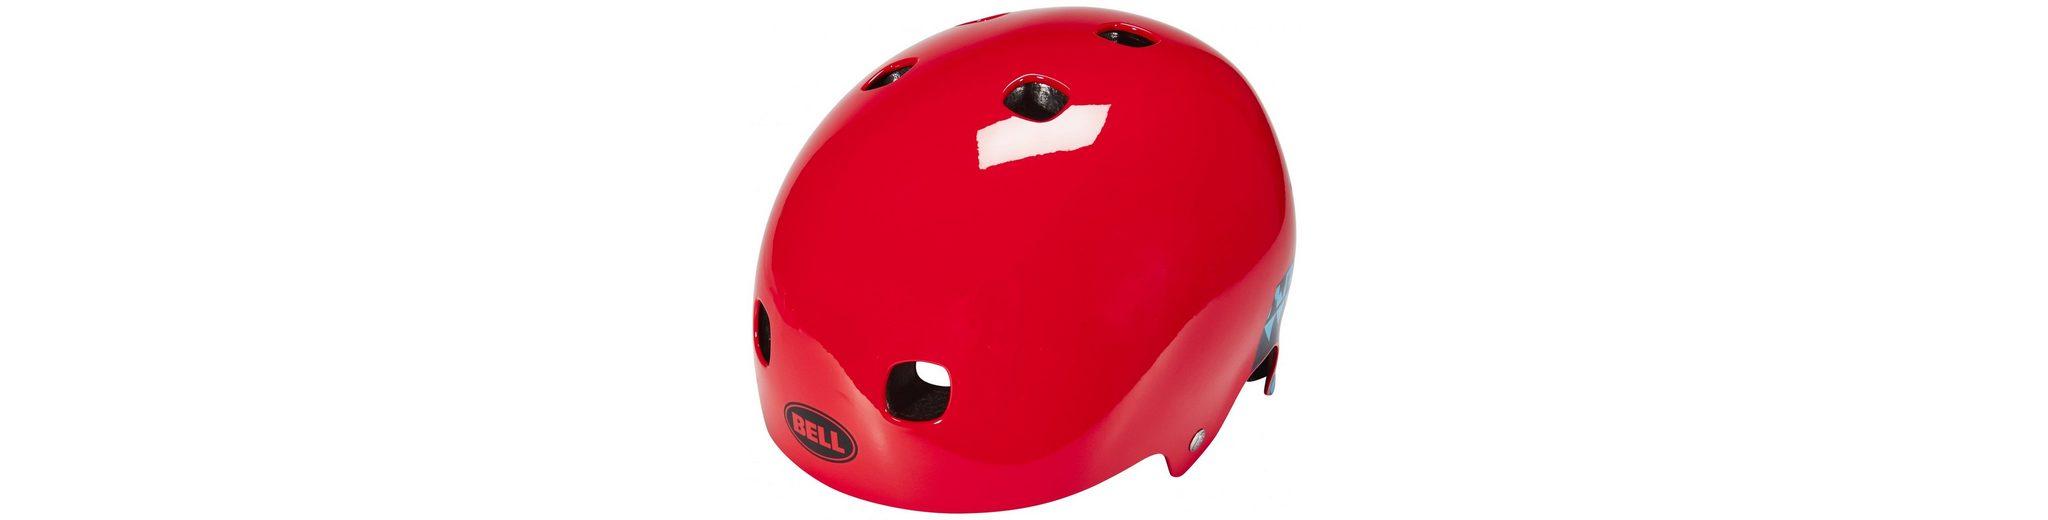 Bell Fahrradhelm »Segment Junior Helmet«